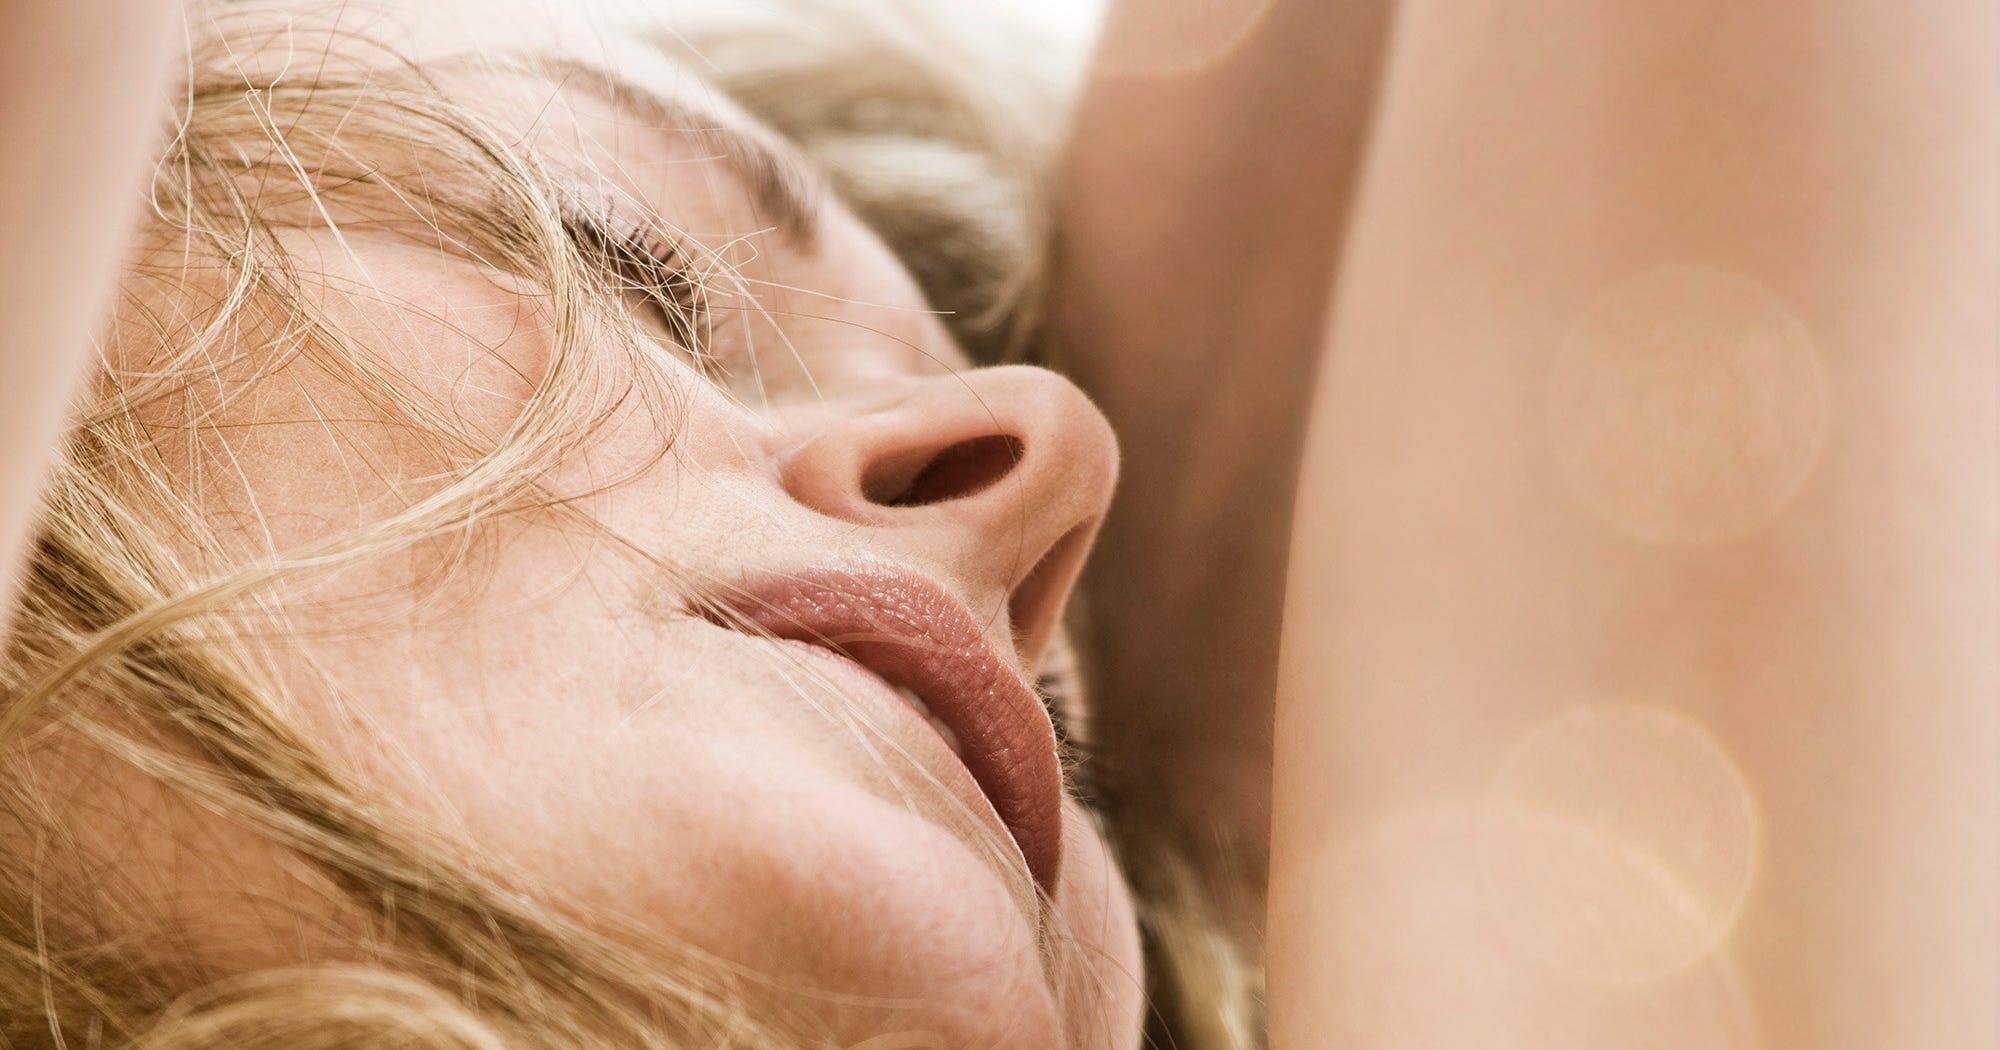 Orgasmus ohne Ejakulation? - Sexualtechniken - med1